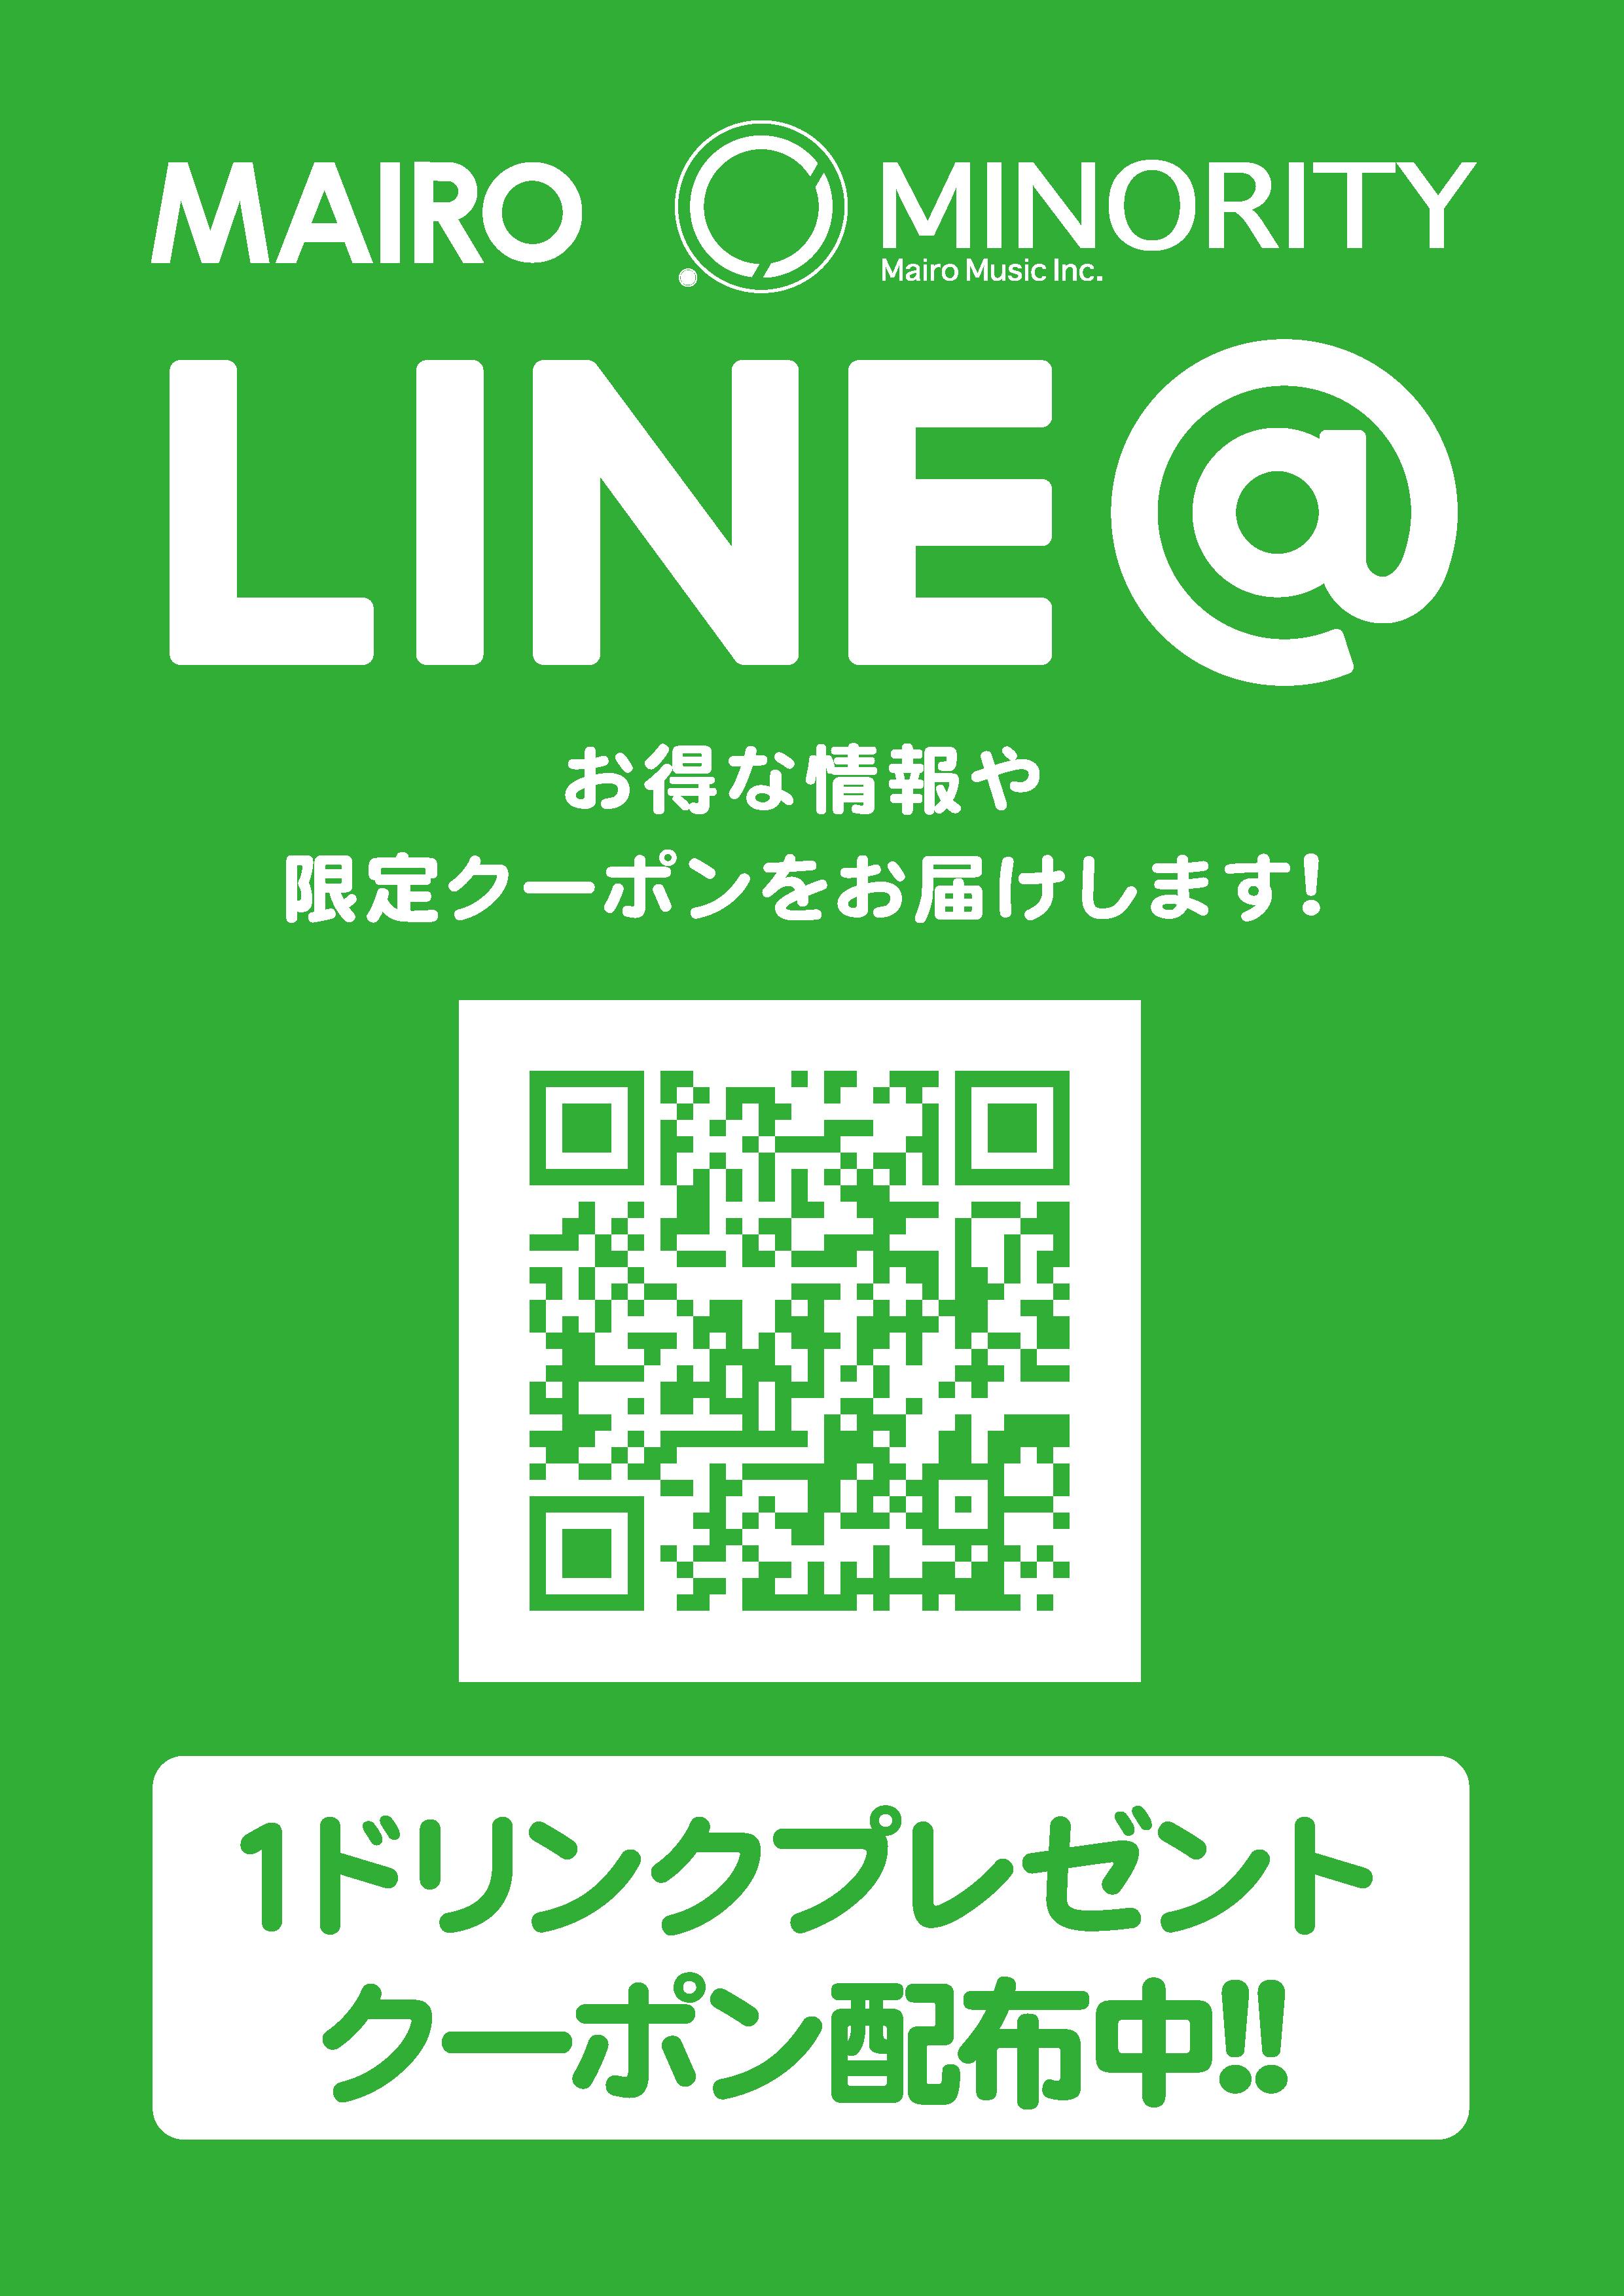 LINE@ お得な情報や限定クーポンをお届けします!